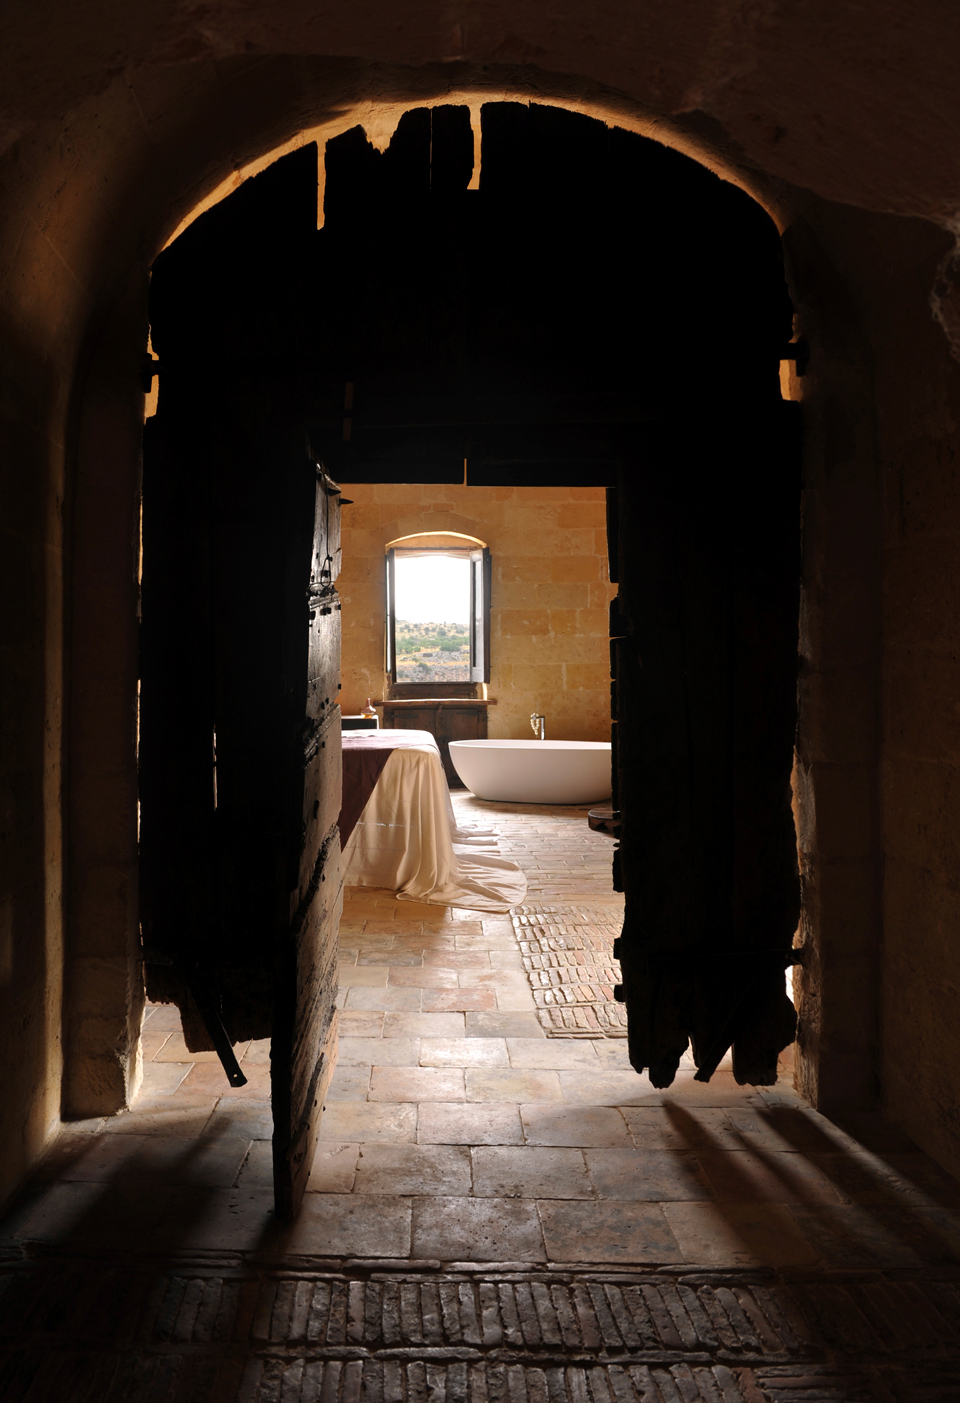 sextantio-della-civita-abandoned-cave-hotel-by-Daniele-Kihlgren-6